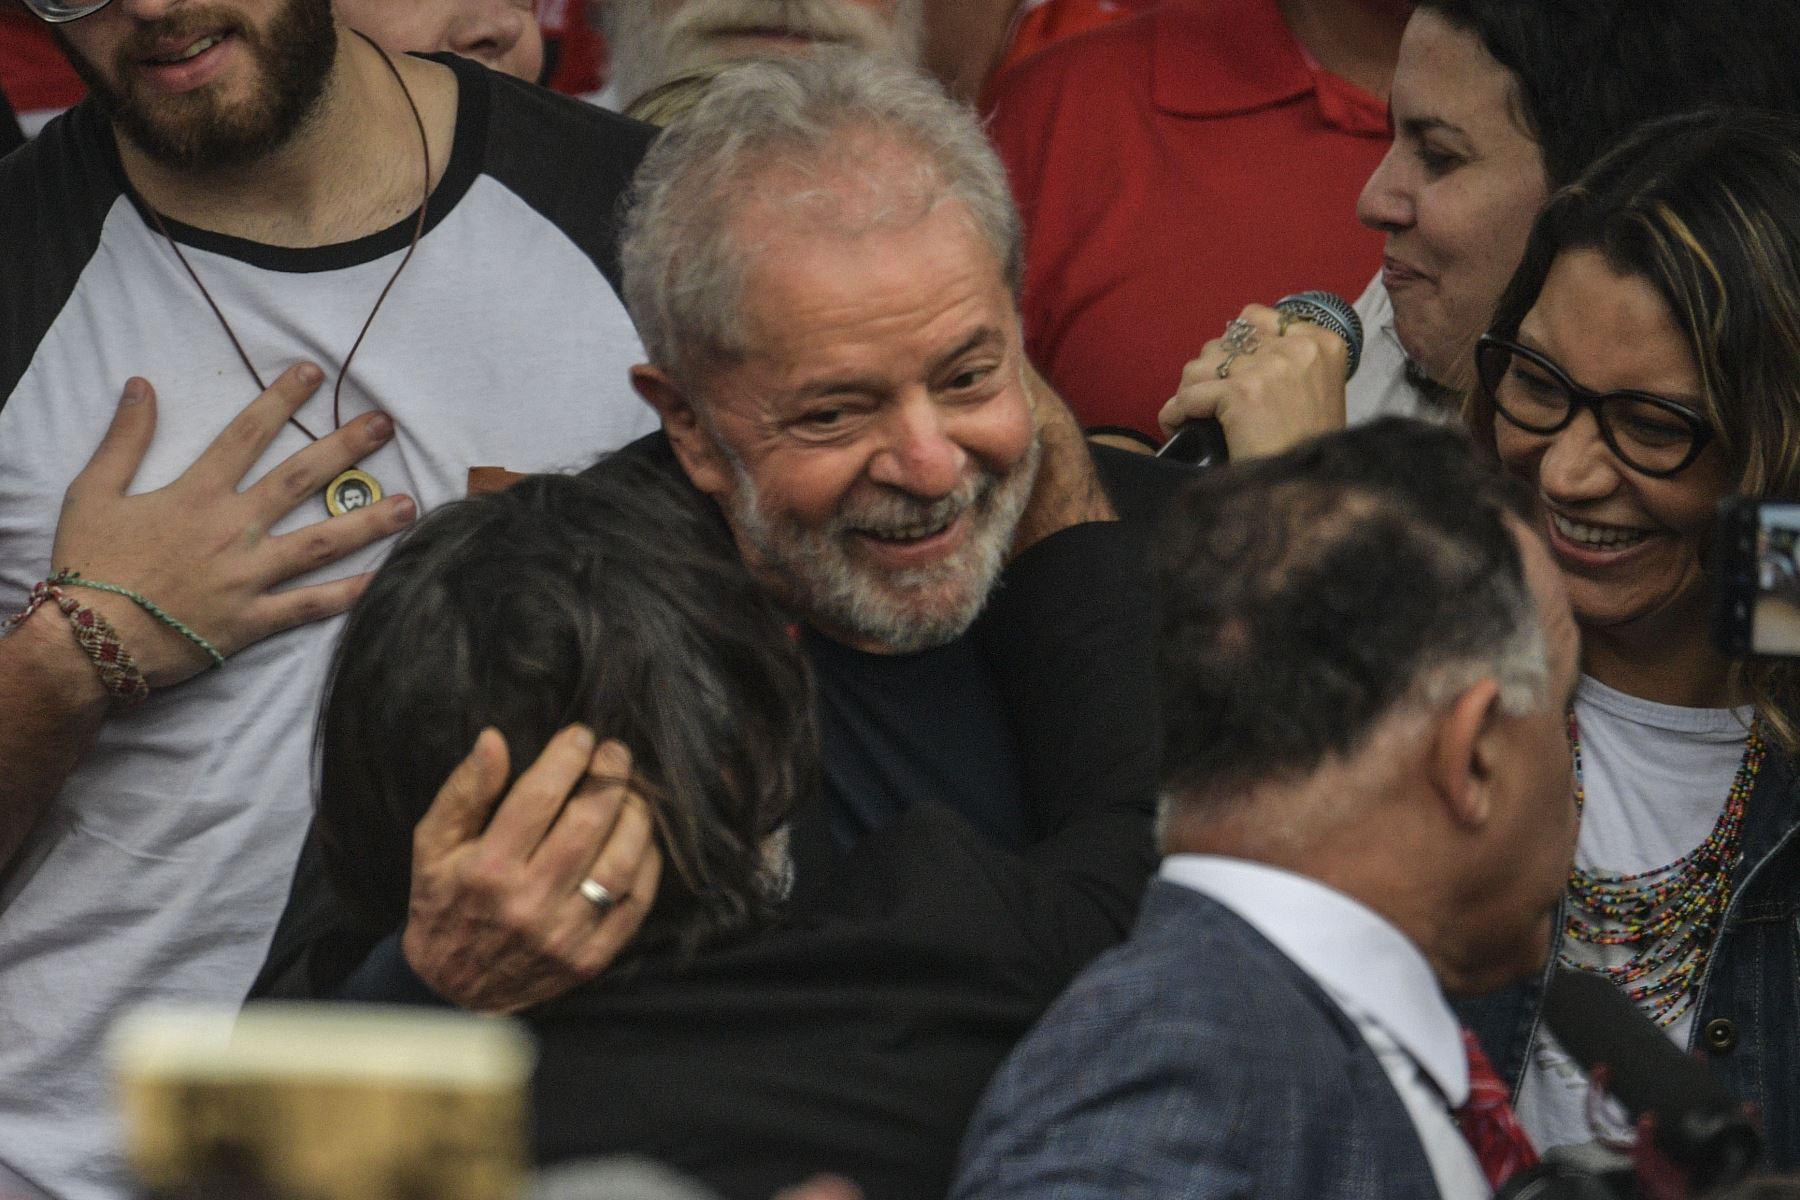 El expresidente brasileño, Luiz Inácio Lula da Silva, sale de la sede de la Policía Federal, donde cumplía condena por 1 año y siete meses de prisión por caso de corrupción. Foto: AFP